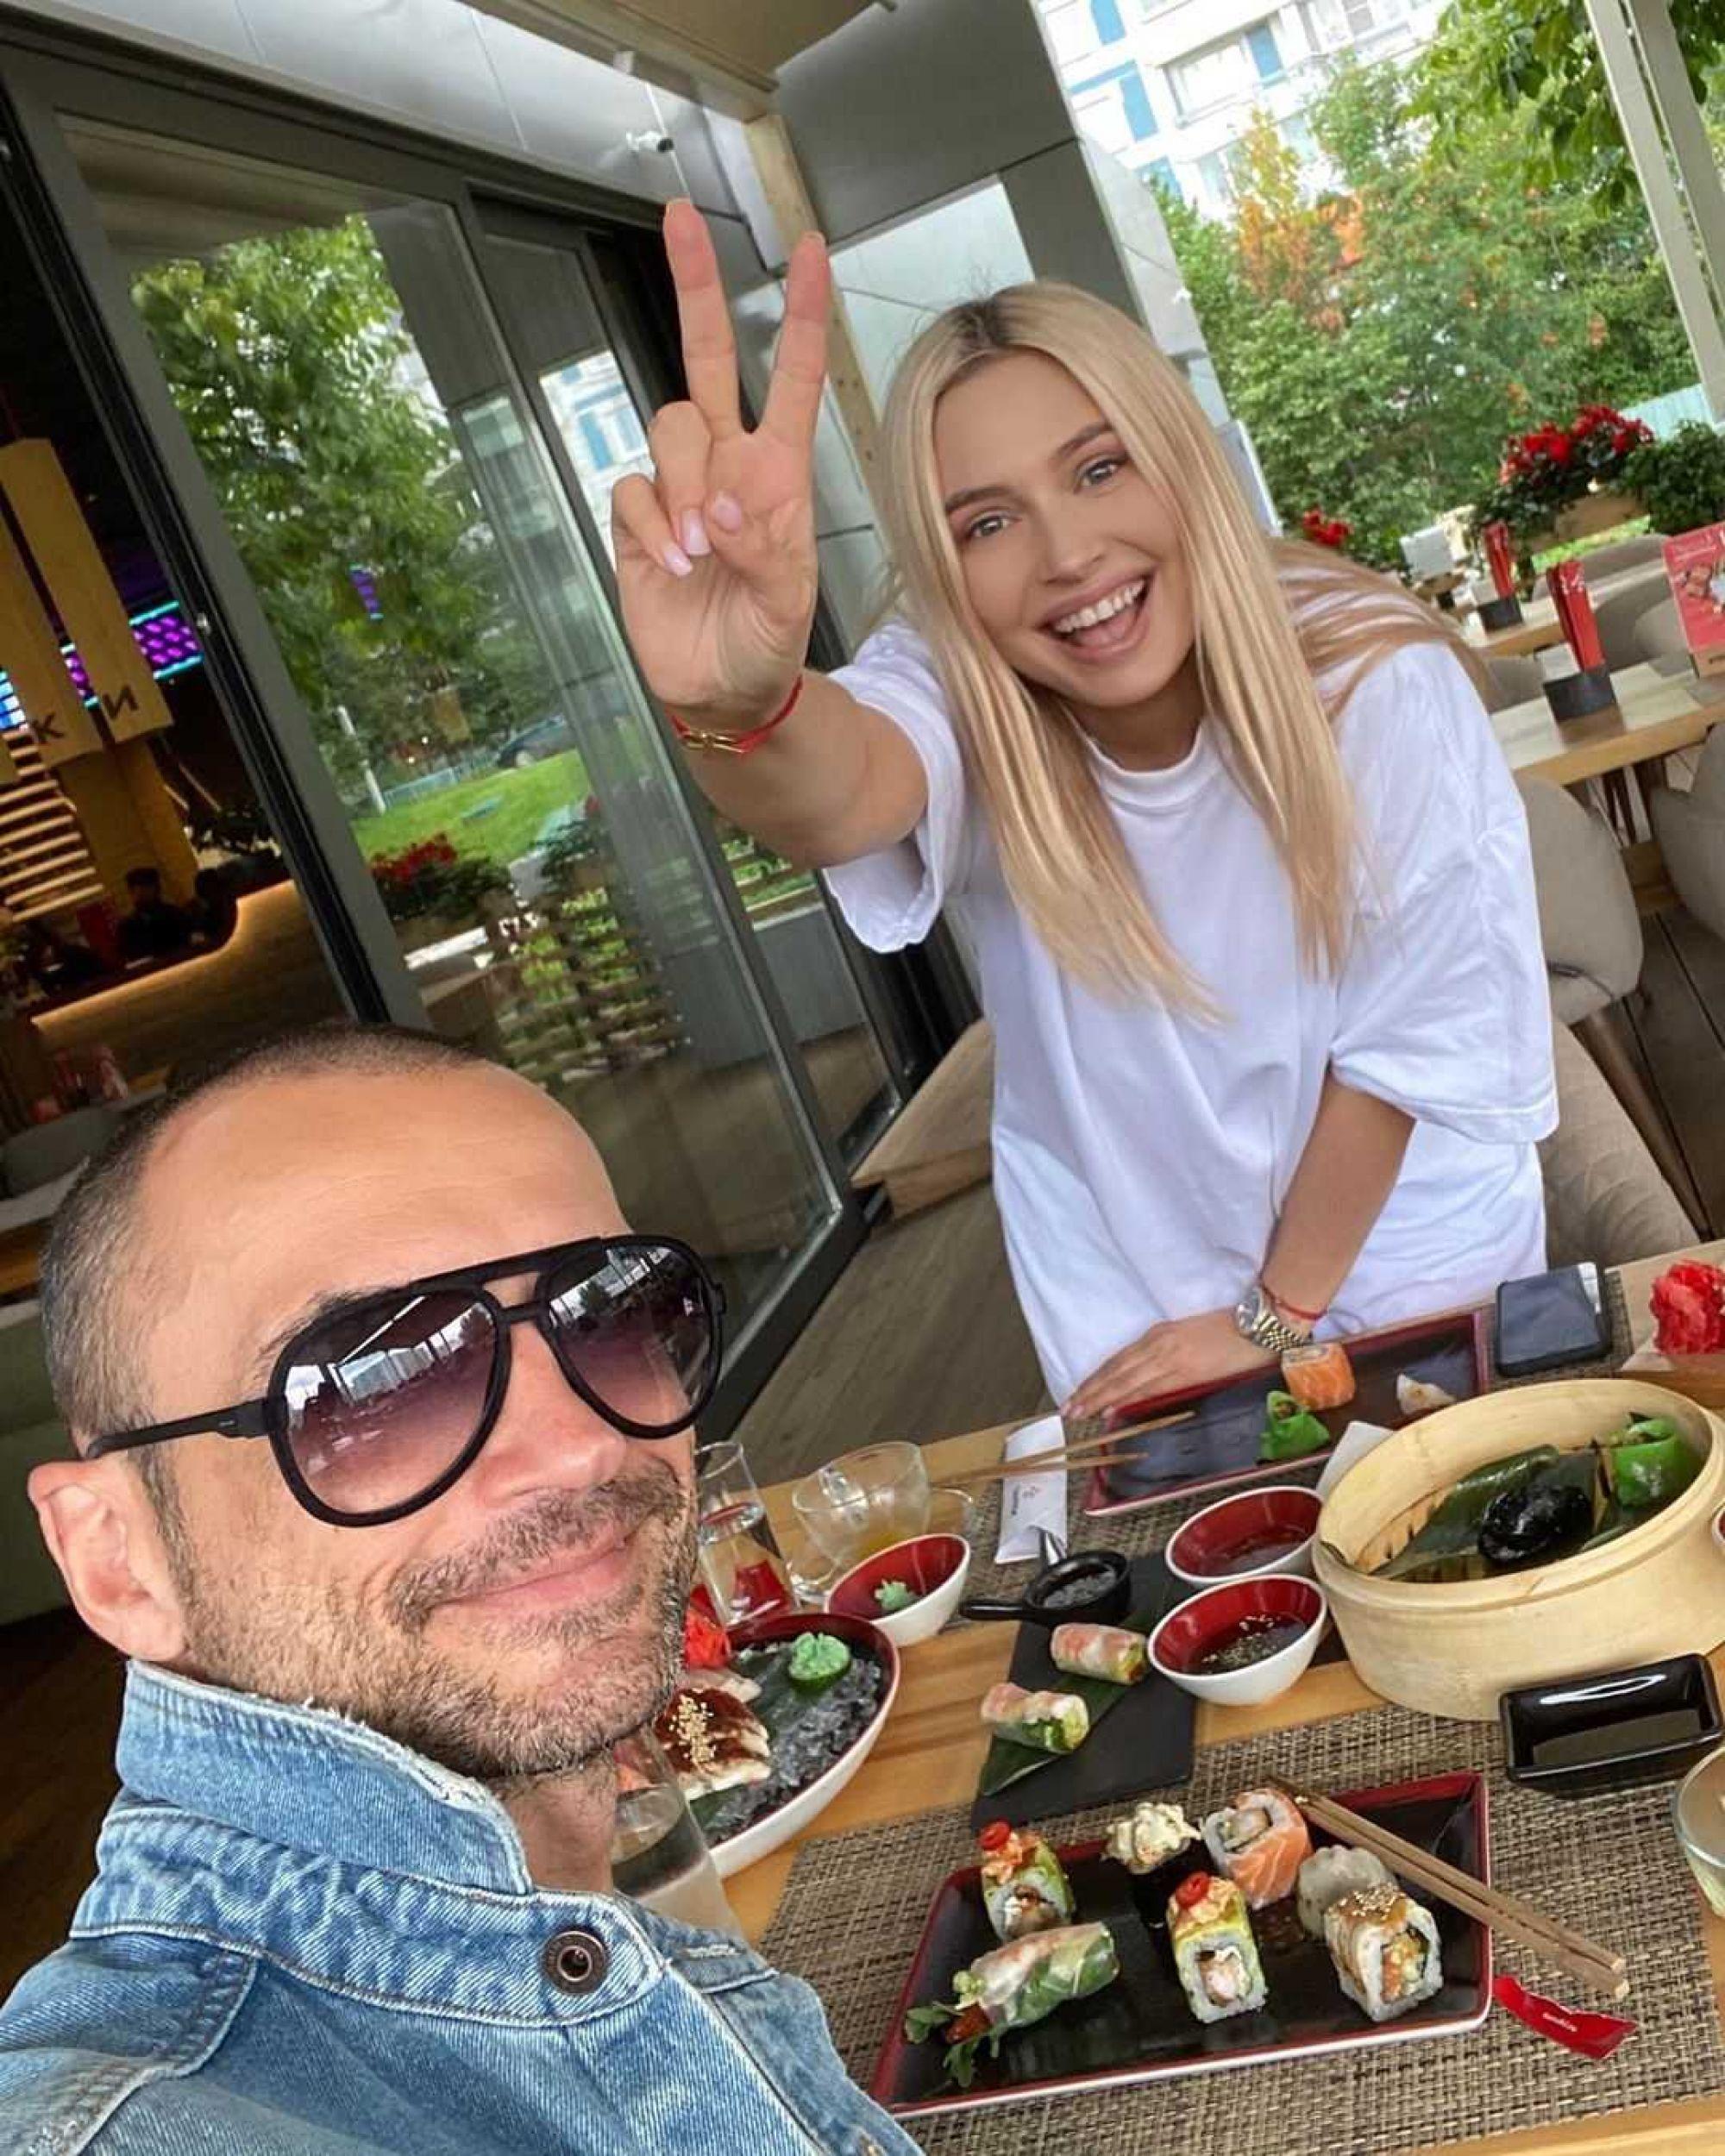 Наталья Рудова рассказала, каким будет ее будущий муж